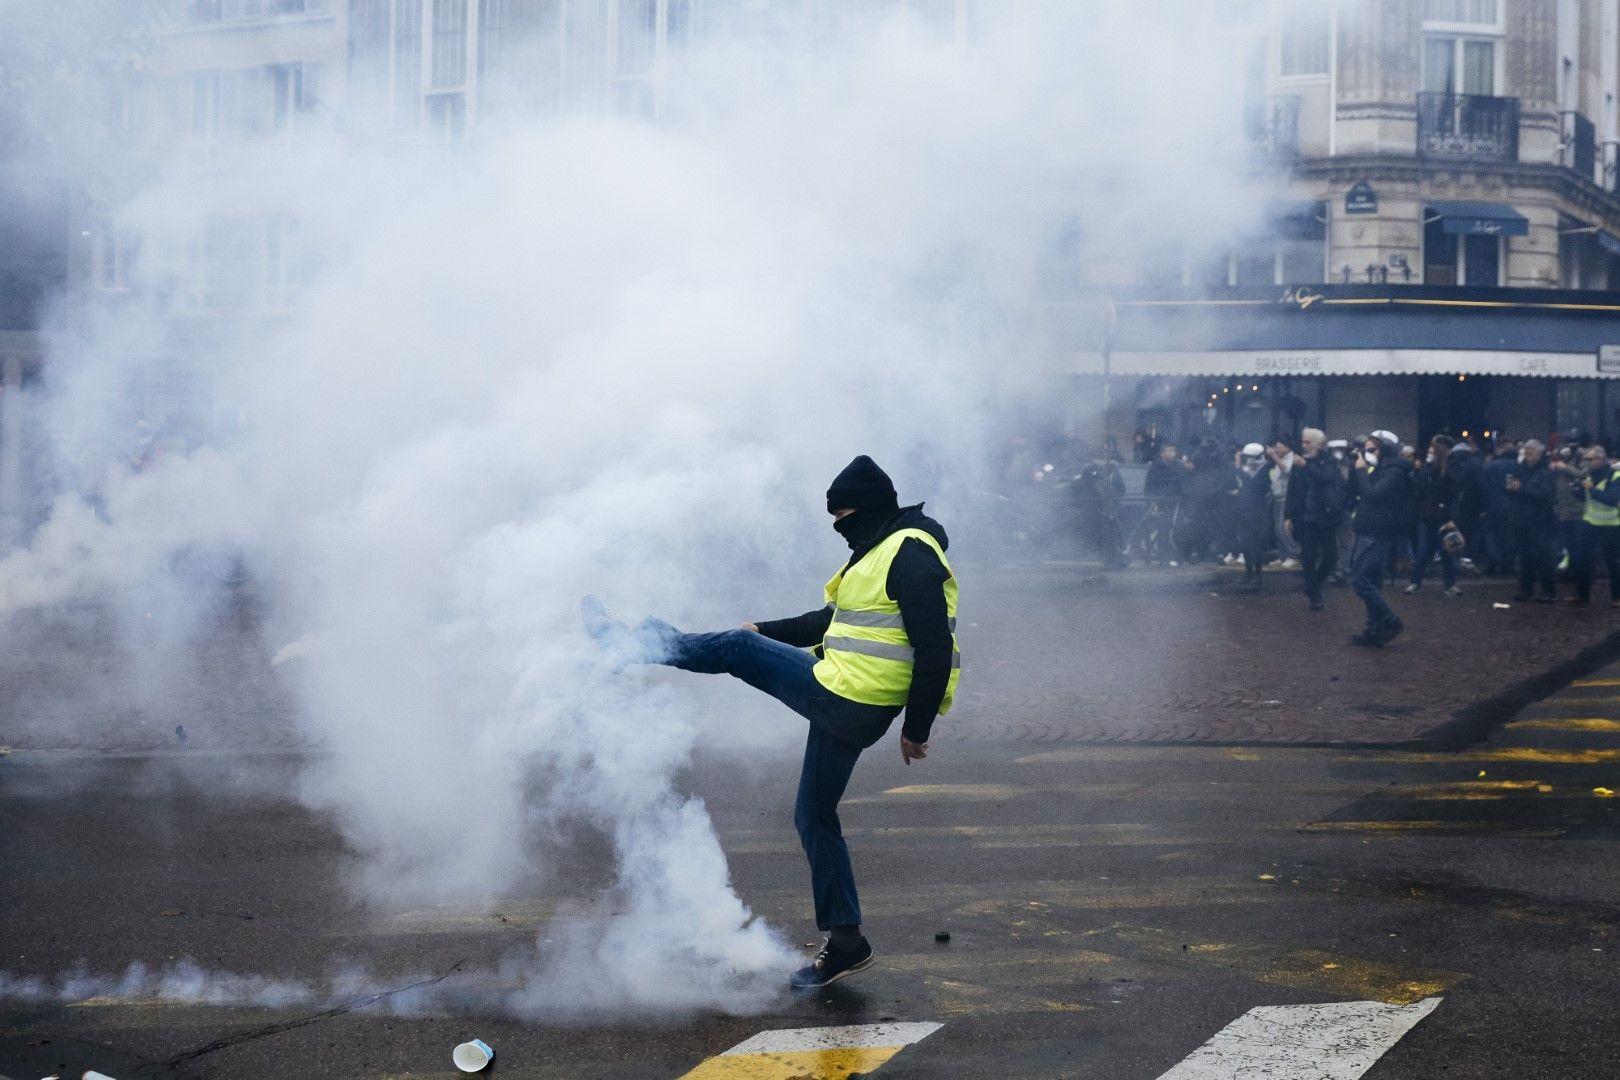 Протестращ изритва флакон със сълзотворен газ по време на протеста в Париж на 16 ноември